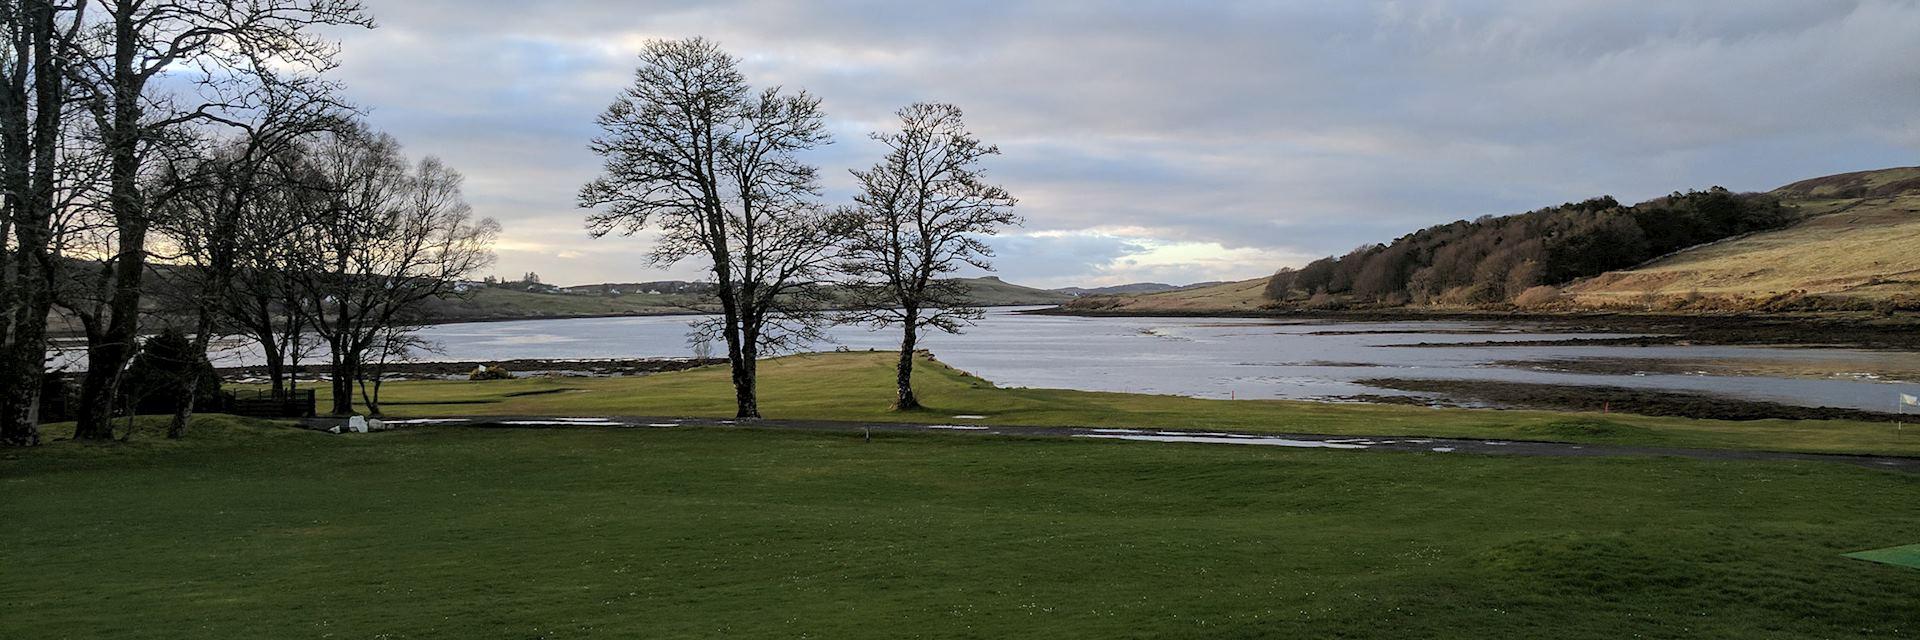 Skeabost Hotel, Isle of Skye